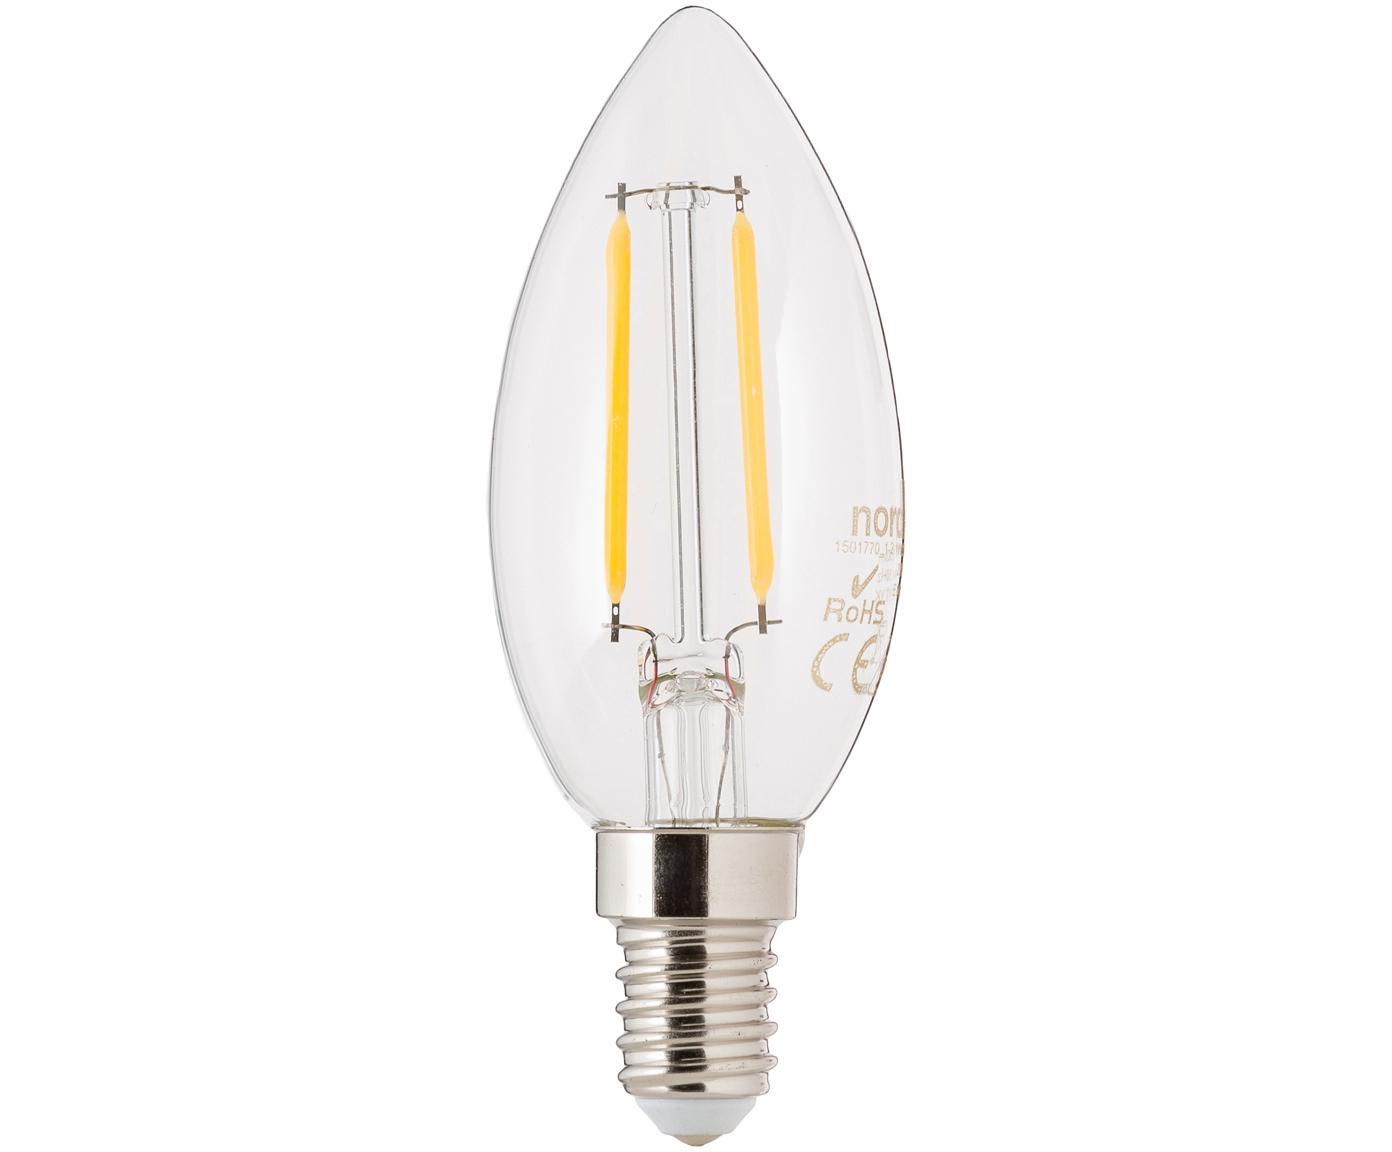 Bombilla LED Vel (E14/2W), Ampolla: vidrio, Casquillo: aluminio, Transparente, Ø 4 x Al 10 cm